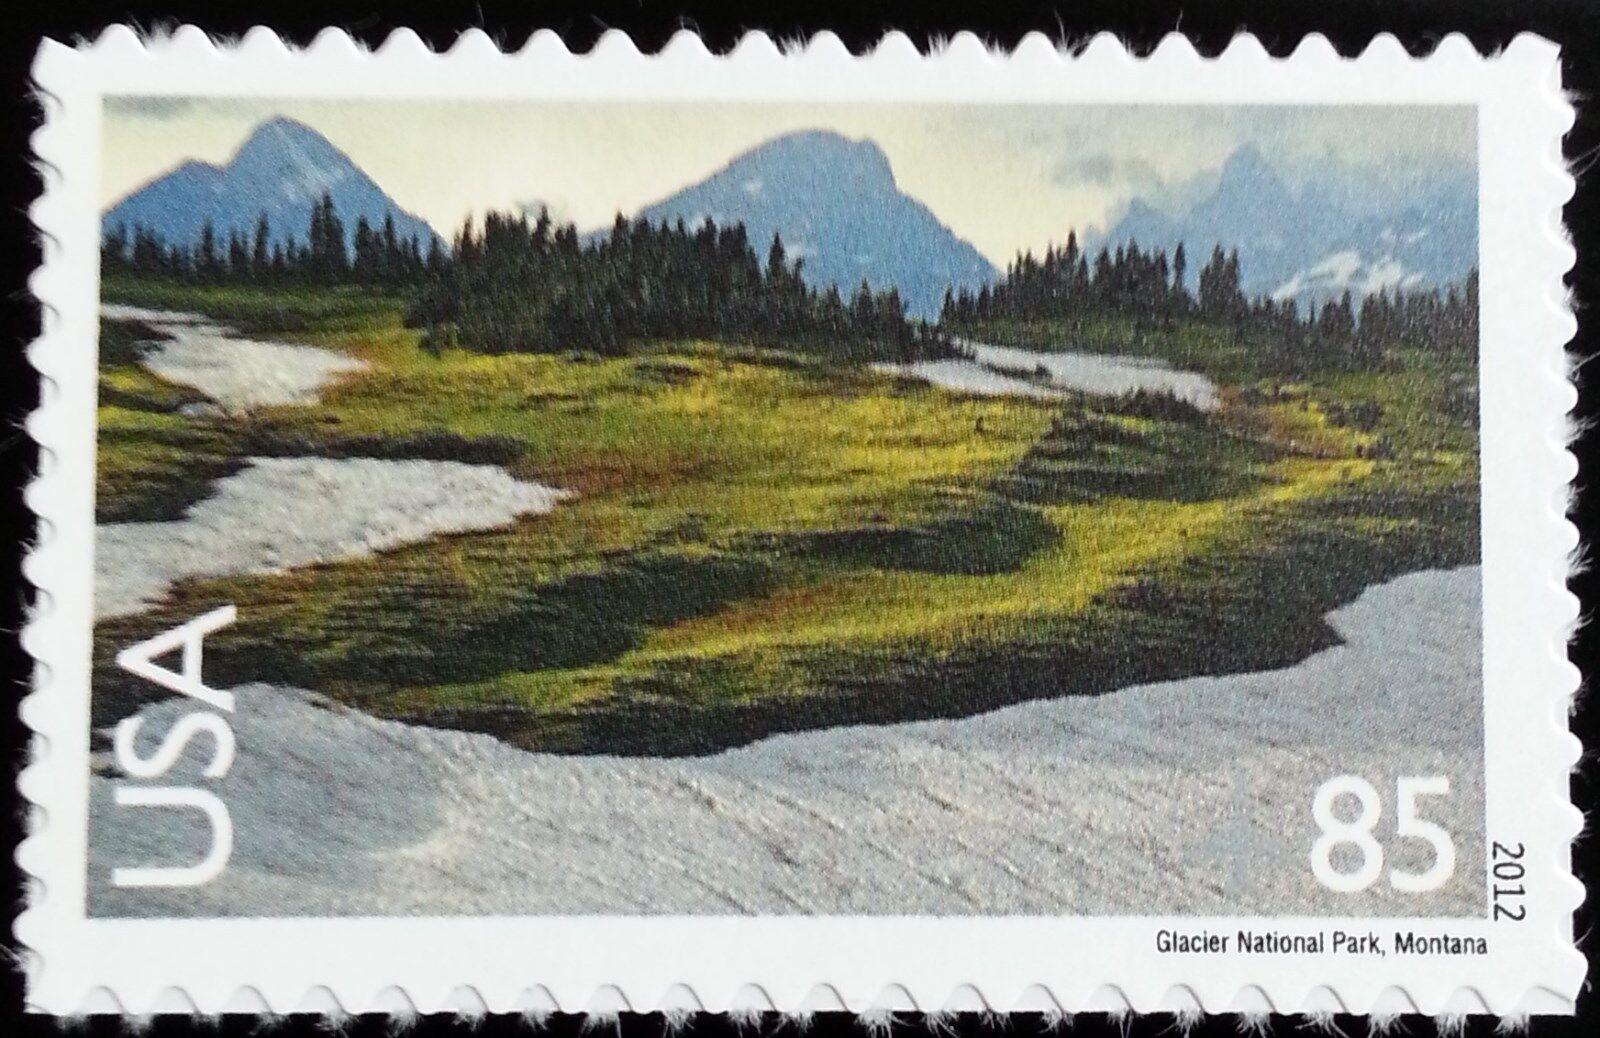 2012 85c Glacier National Park, Montana Scott C149 Mint